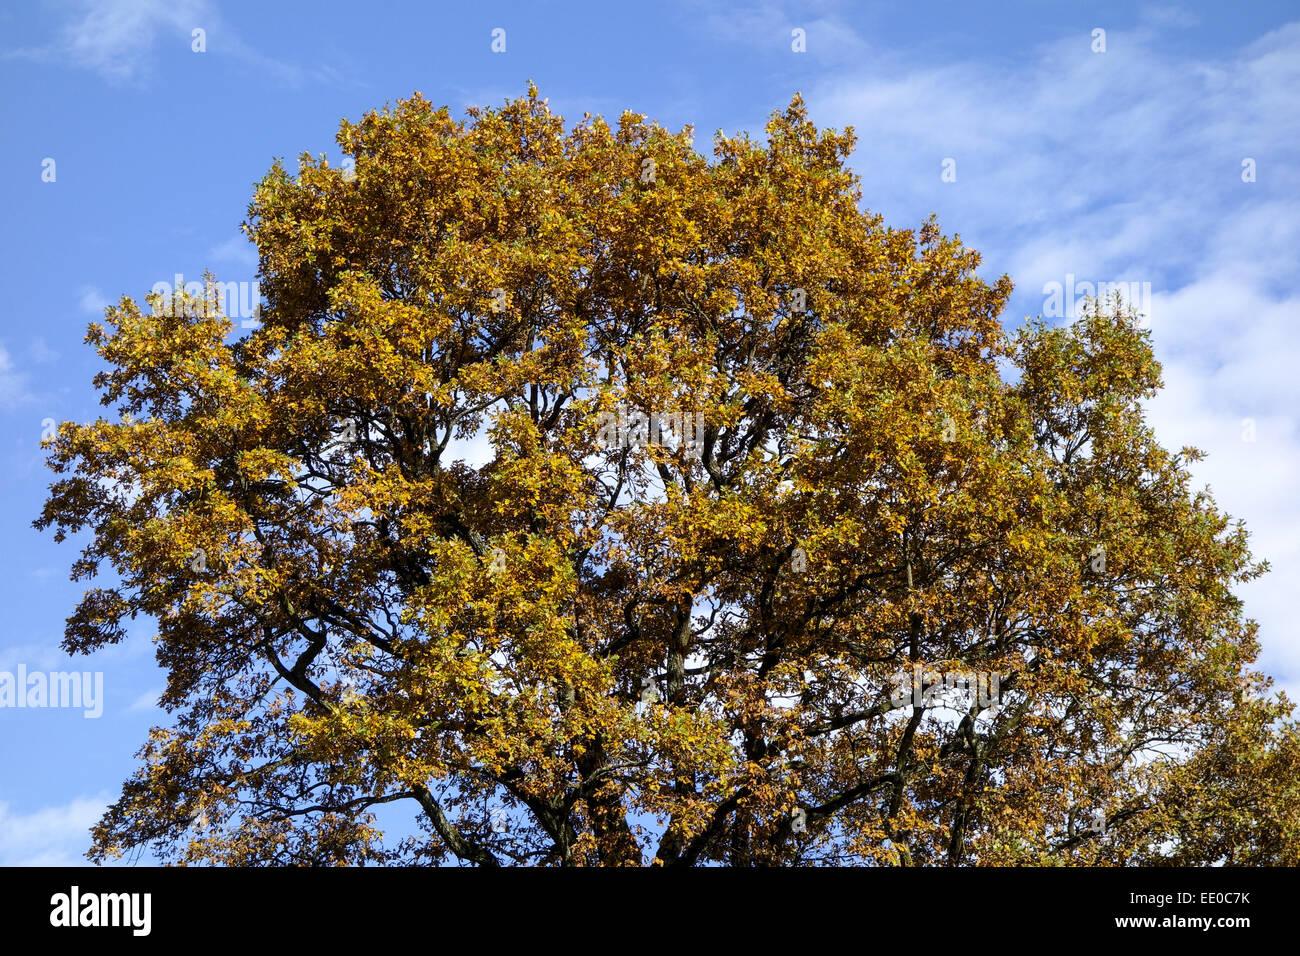 Einzelner Baum, Eiche im Herbst, Single oak tree in autumn, Oak, Tree, Trees, Autumn, Leaves, Autumnal, Season, - Stock Image